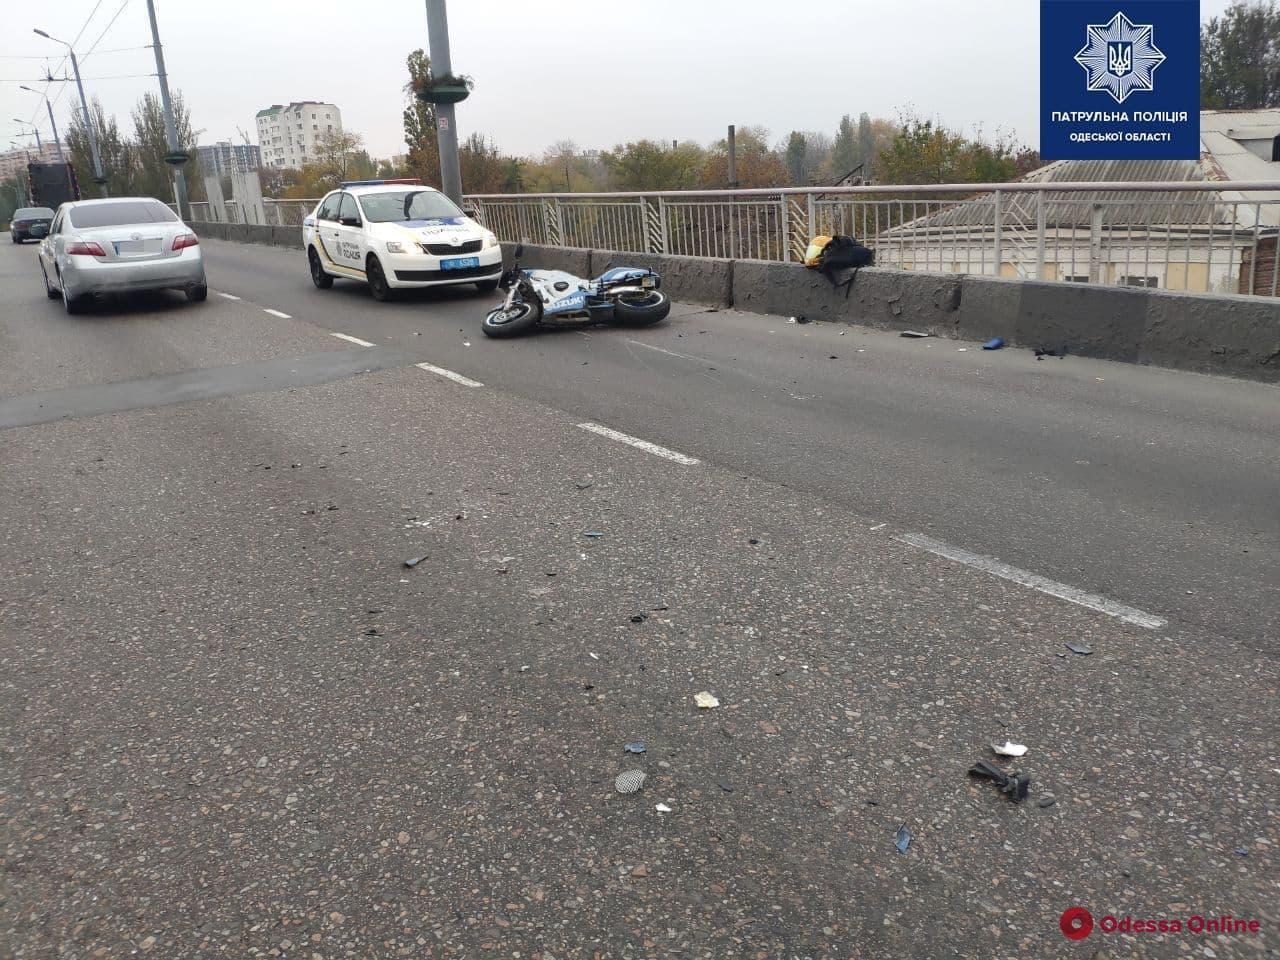 На Ивановском мосту произошло тройное ДТП